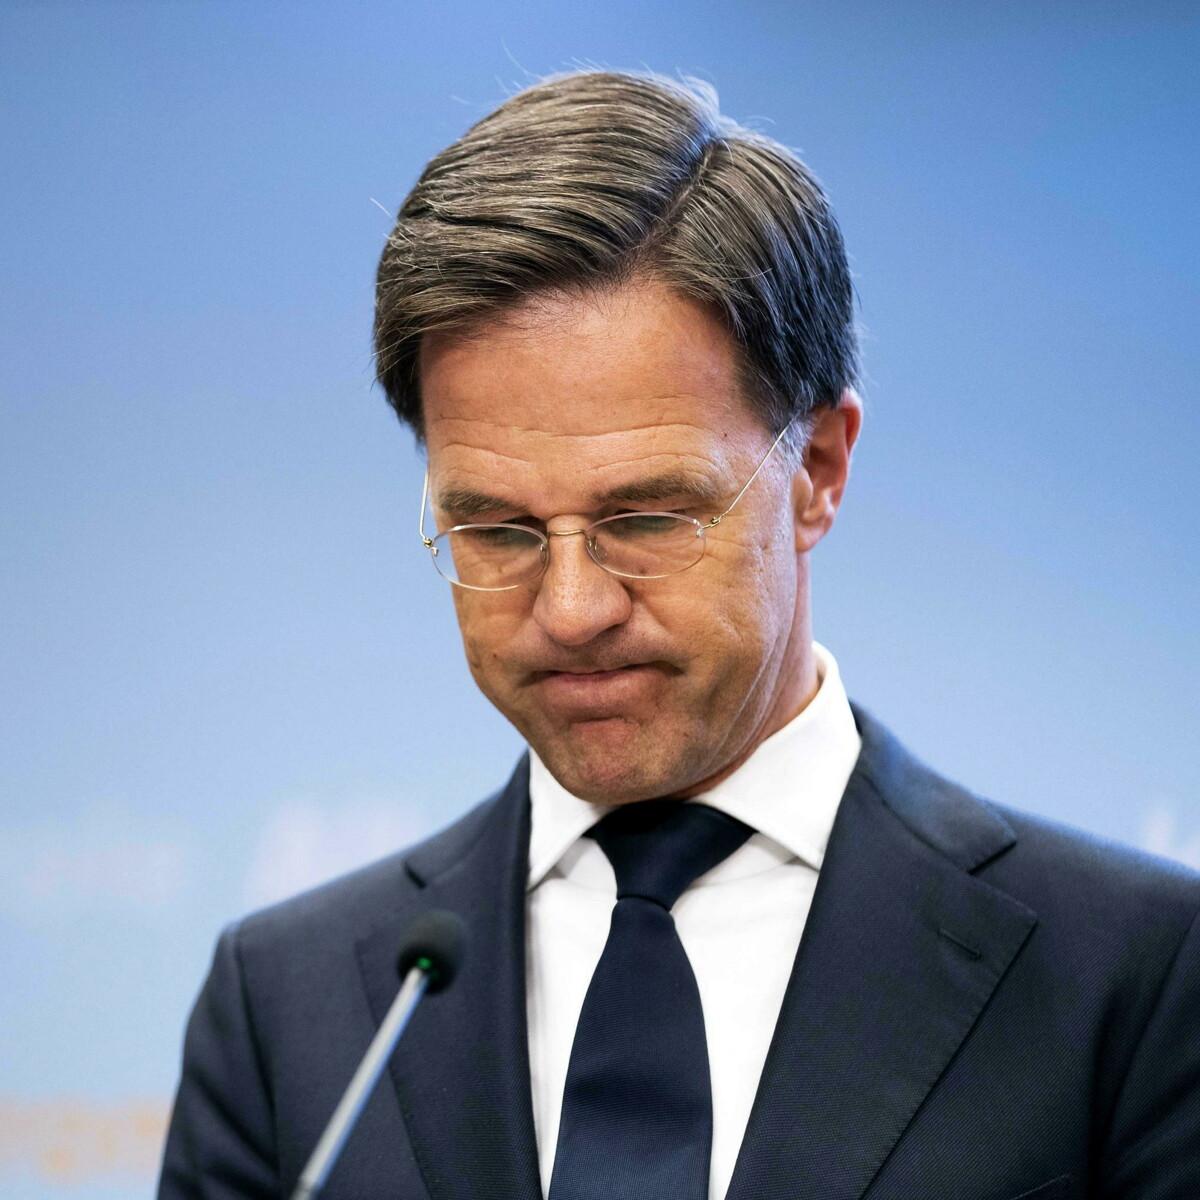 Vittime di un errore burocratico, mille famiglie perdono l'affido dei figli: scandalo scuote l'Olanda